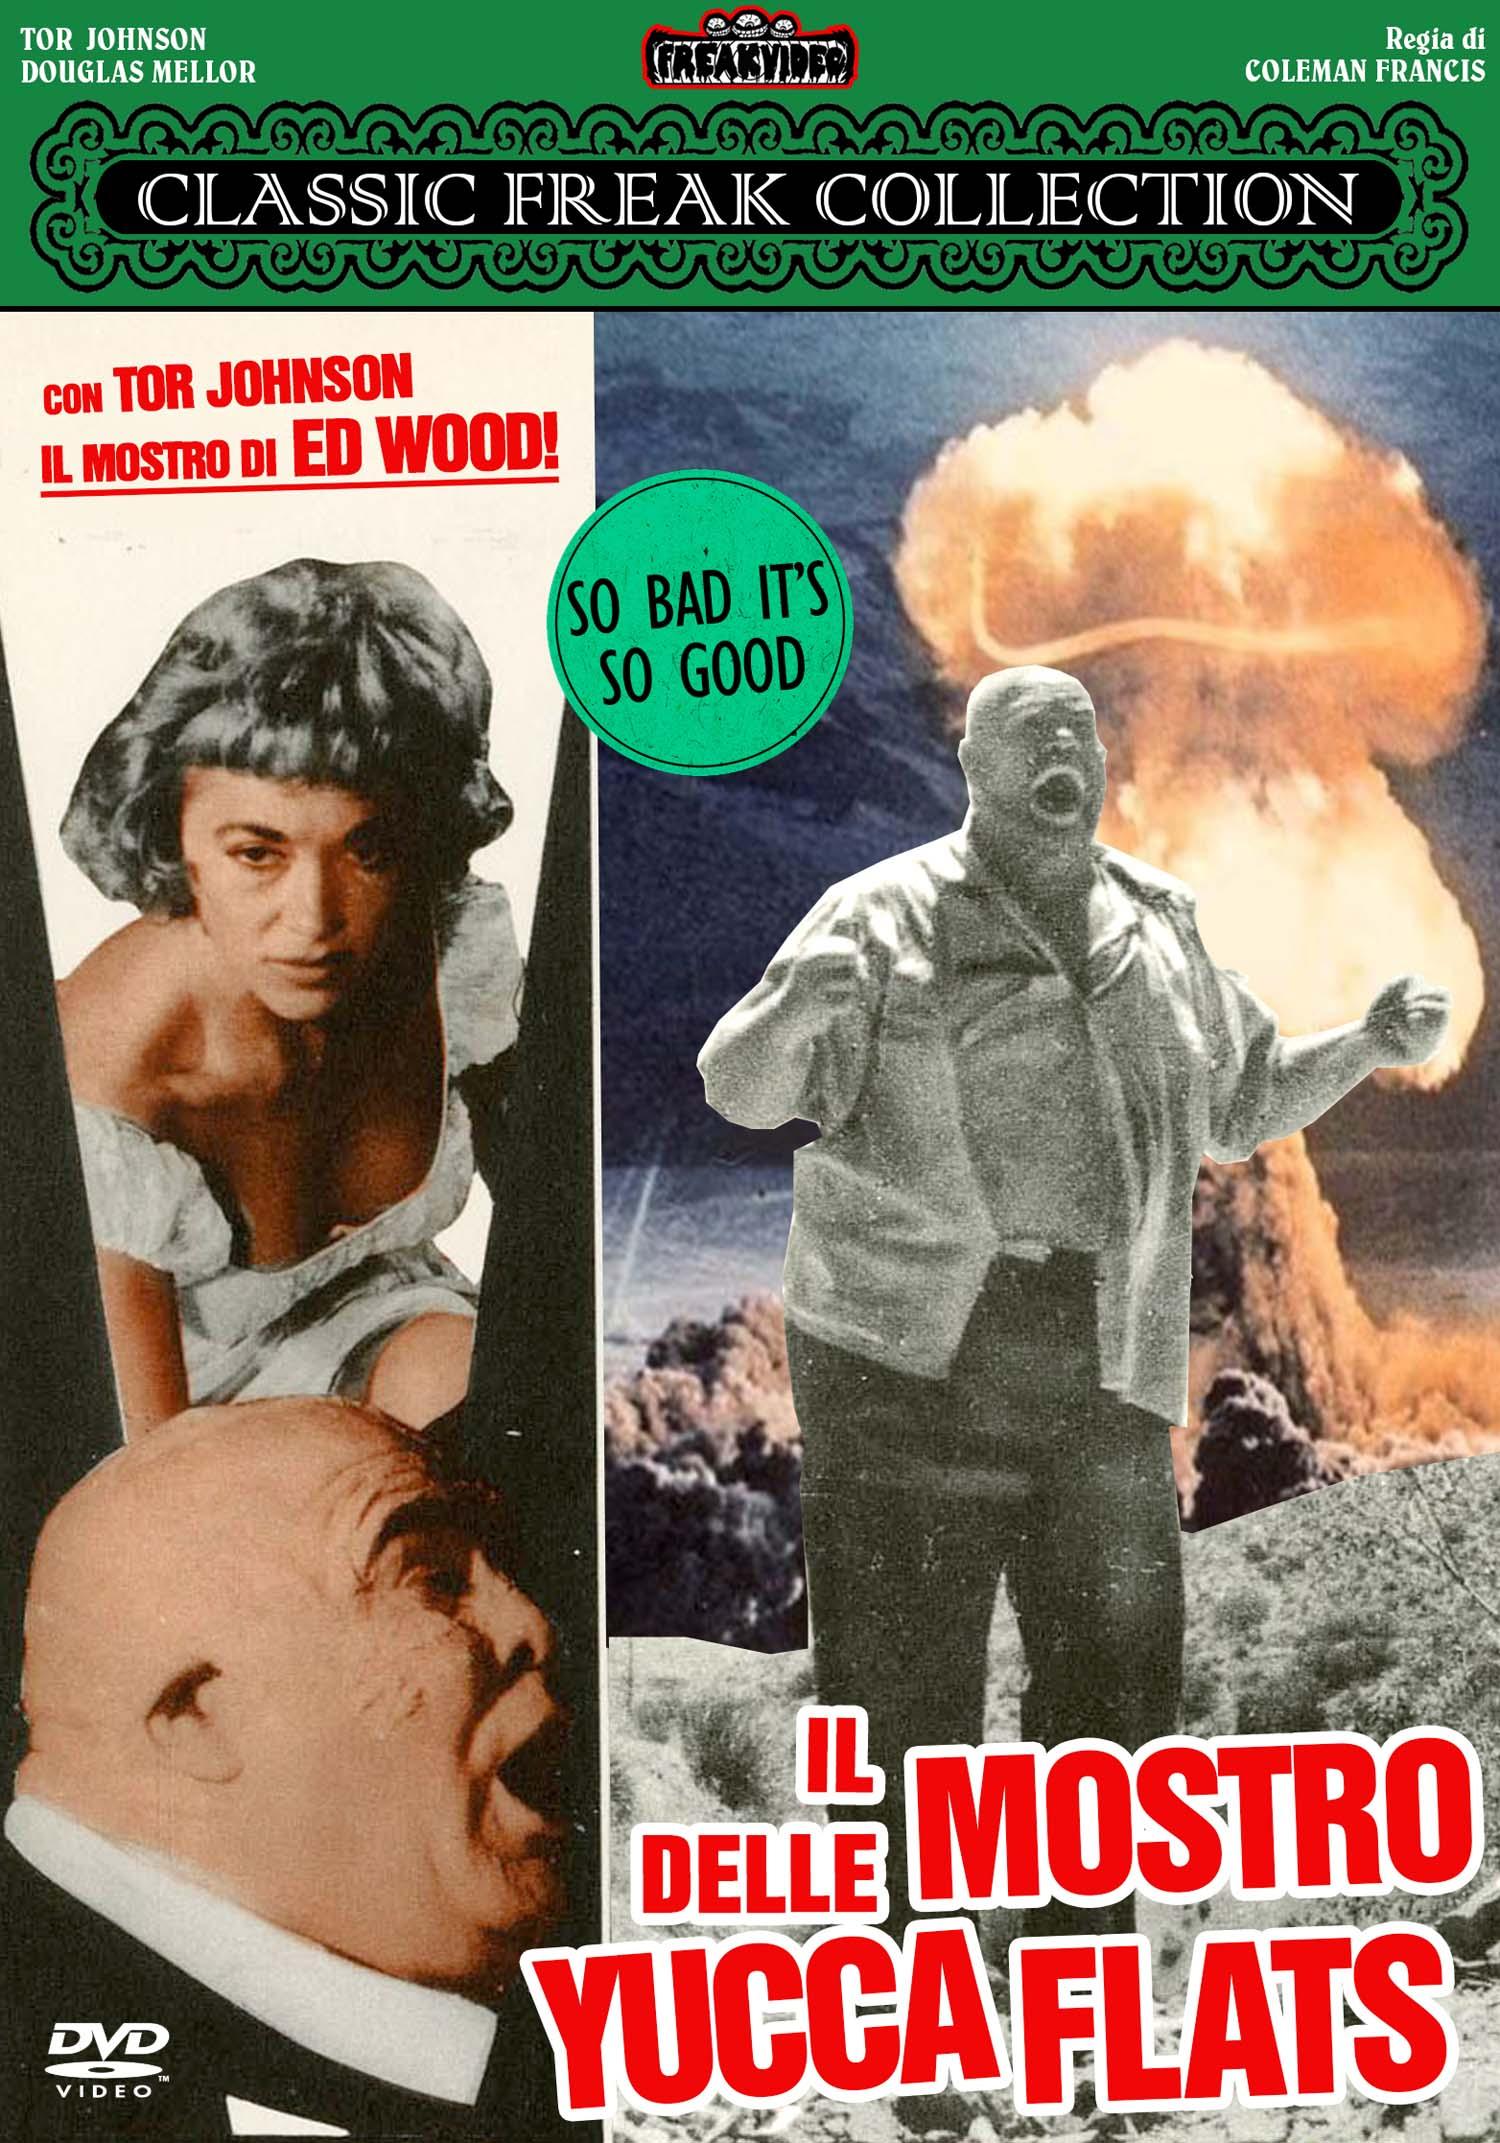 IL MOSTRO DELLE YUCCA FLATS - AUDIO INGLESE (DVD)